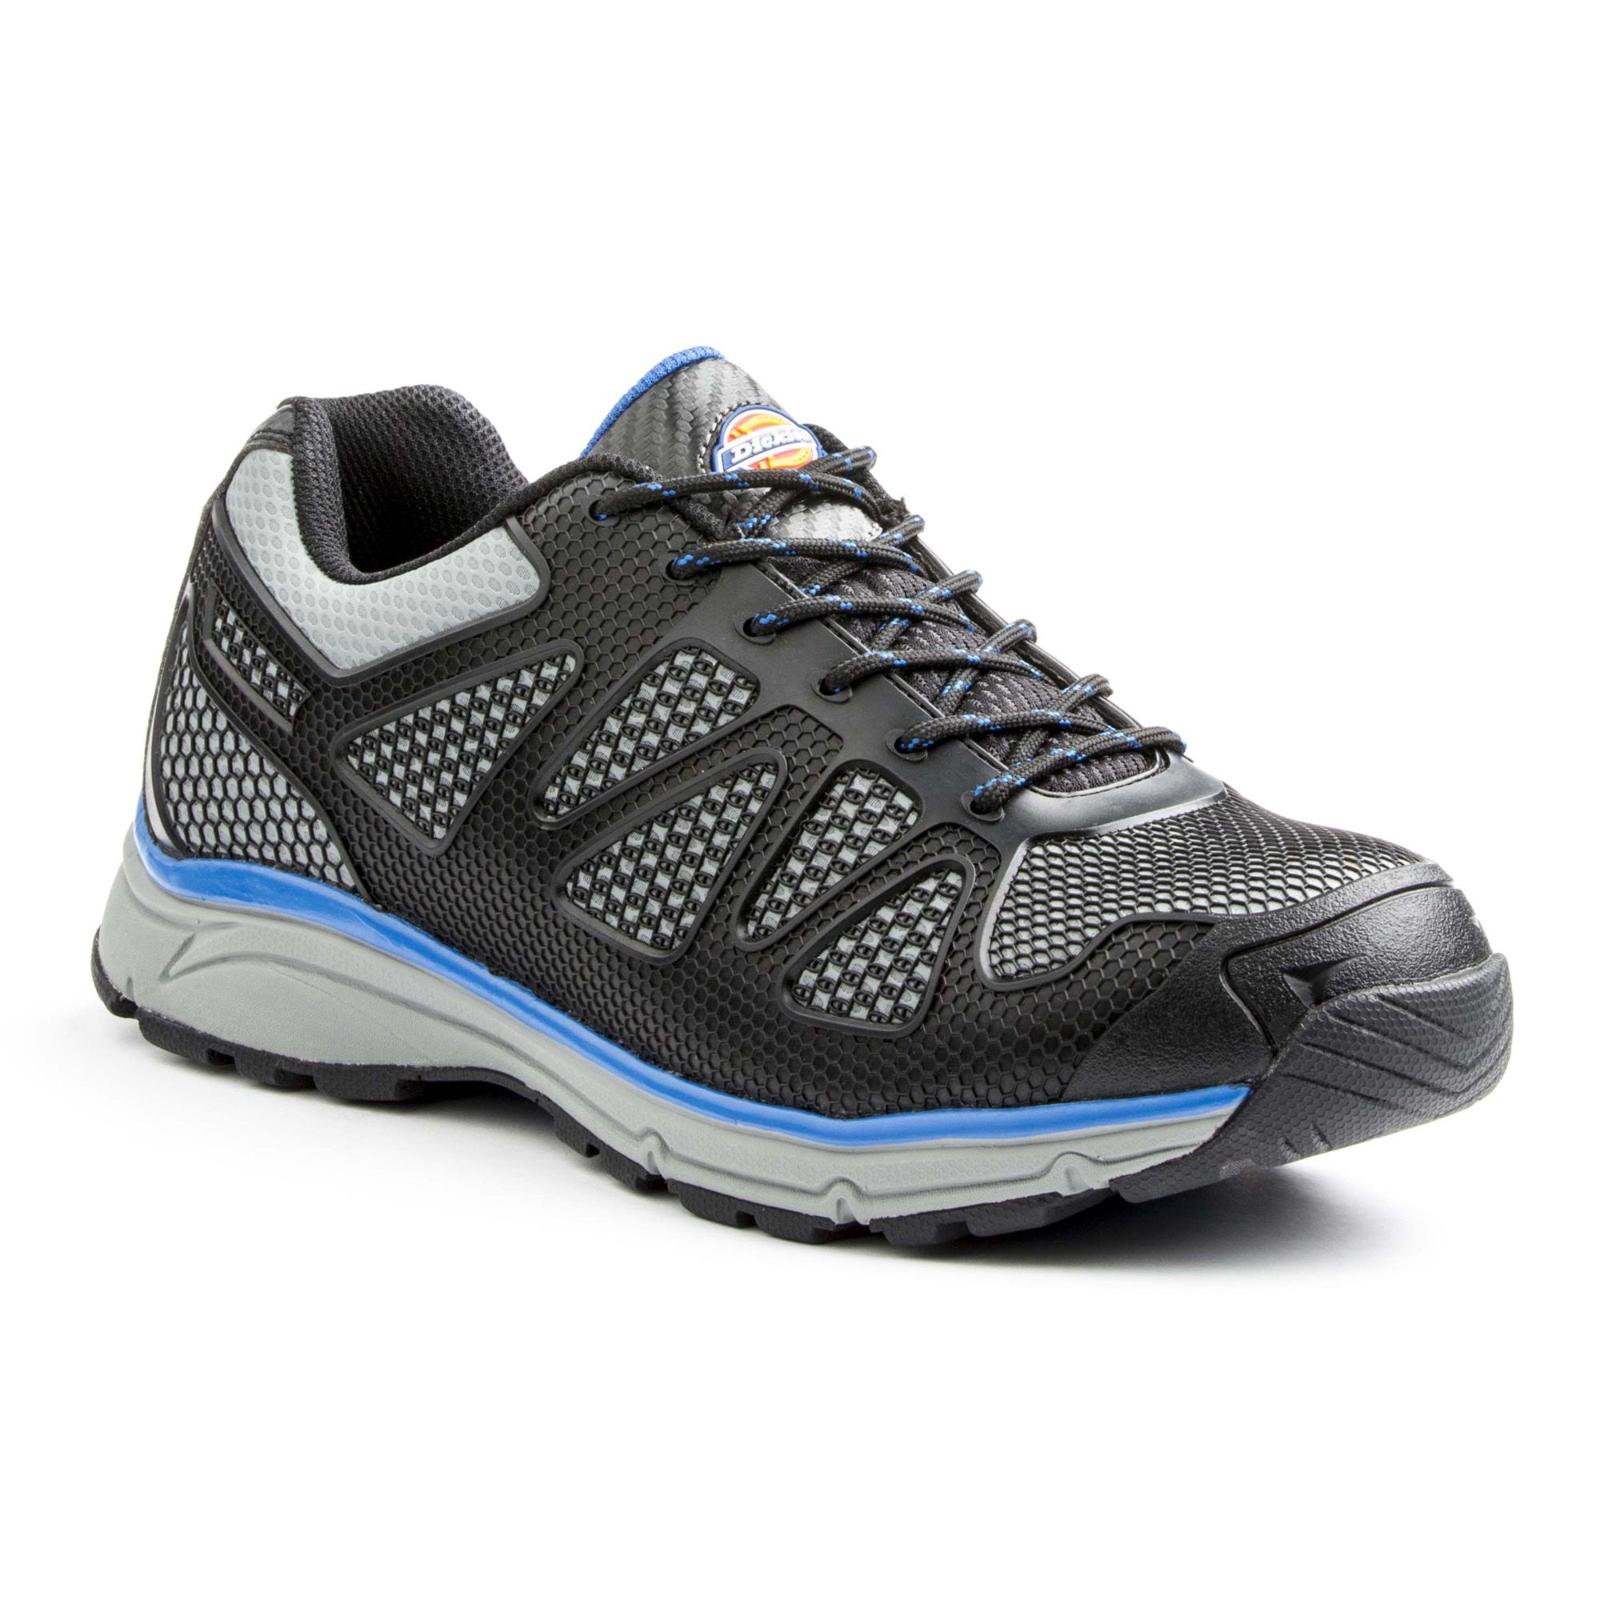 Men's Dickies Men's Fury Low Steel Toe shoes Black bluee 9  NC6SY-M244